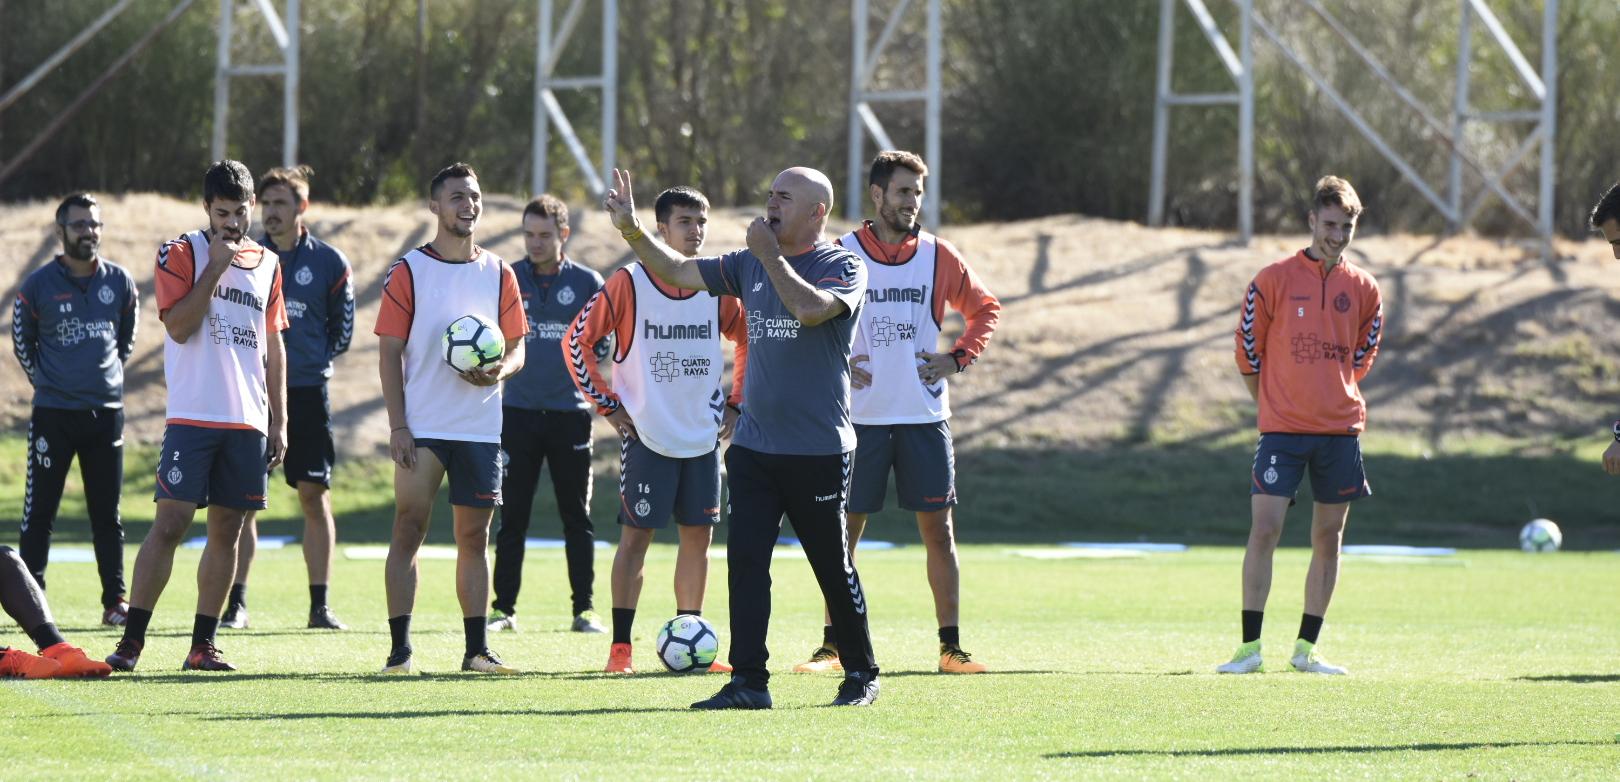 Luis César Sampedro, en la pretemporada con el Real Valladolid | <em><strong>Foto: Andrés Domingo - ElDesmarque Valladolid</strong></em>